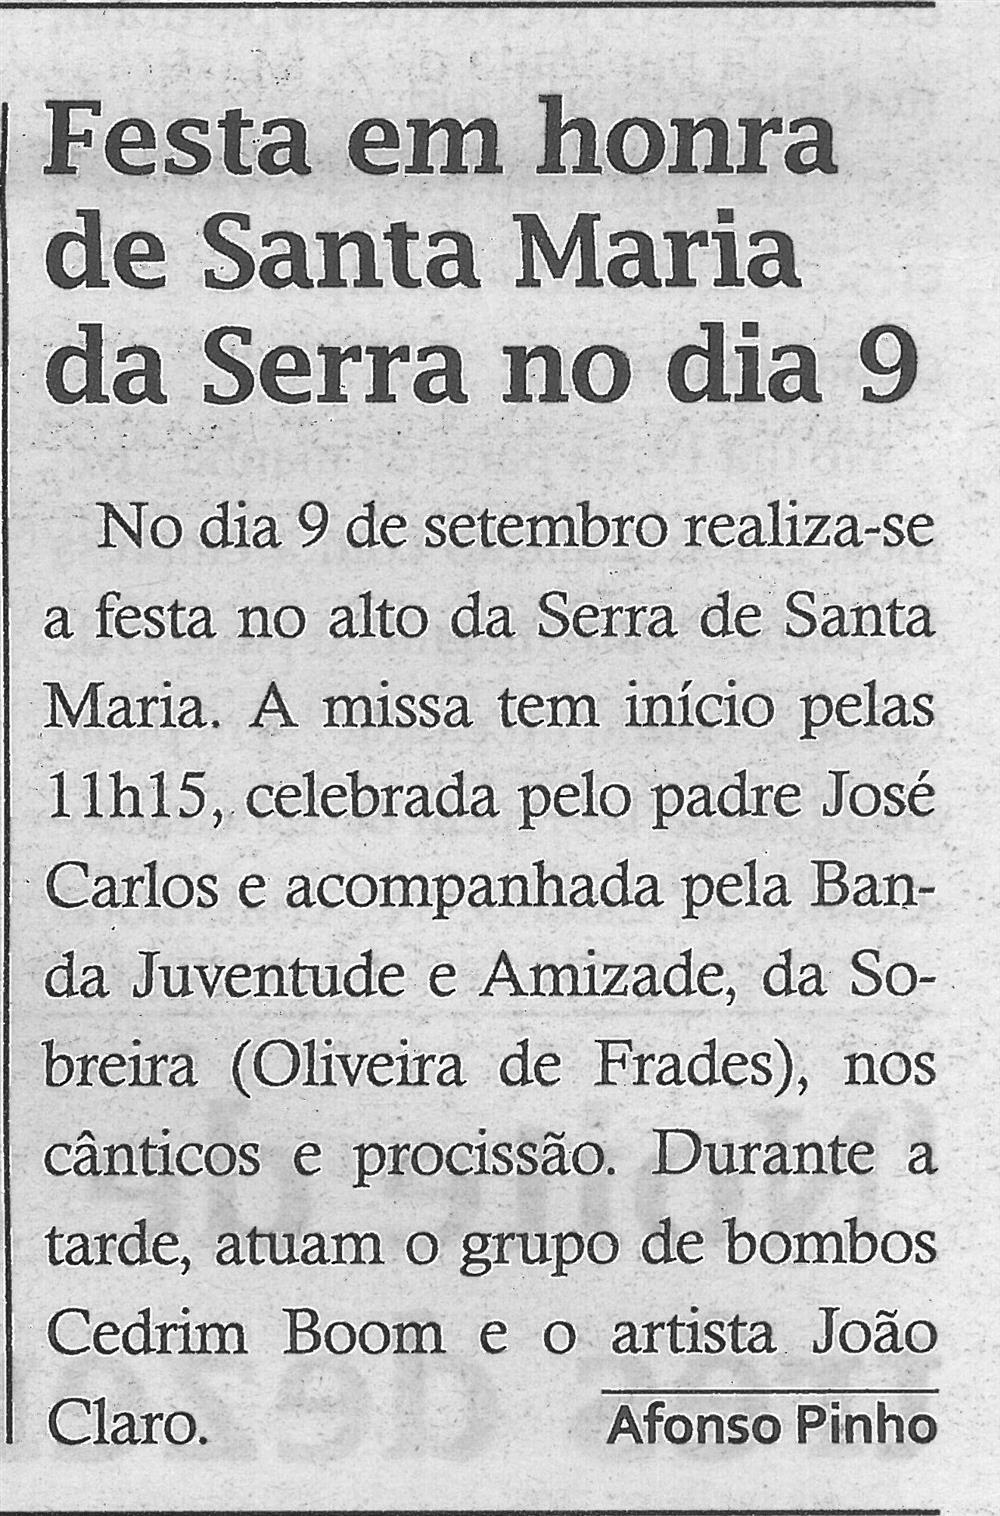 TV-set.'17-p.14-Festa em honra de Santa Maria da Serra no dia 9.jpg